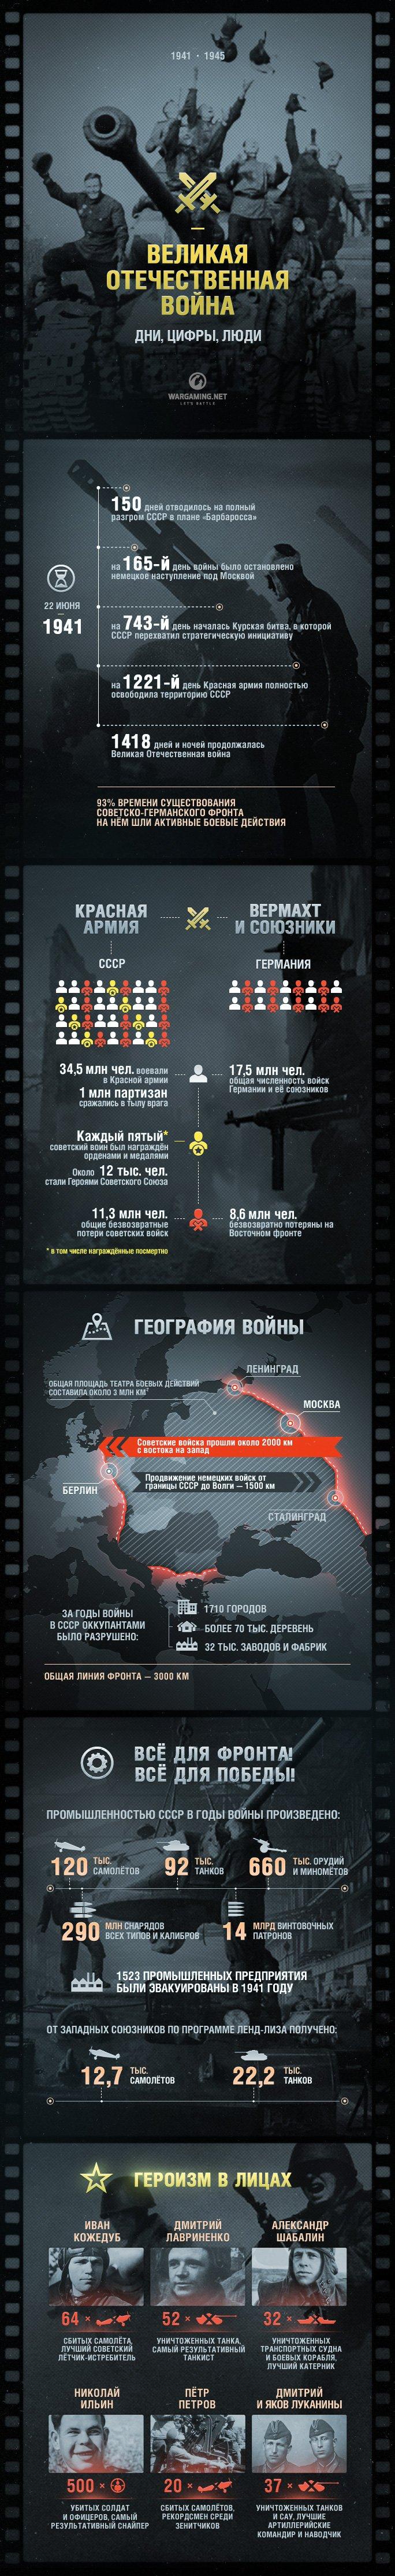 Статистика ВОВ от варгеймингов - Изображение 1